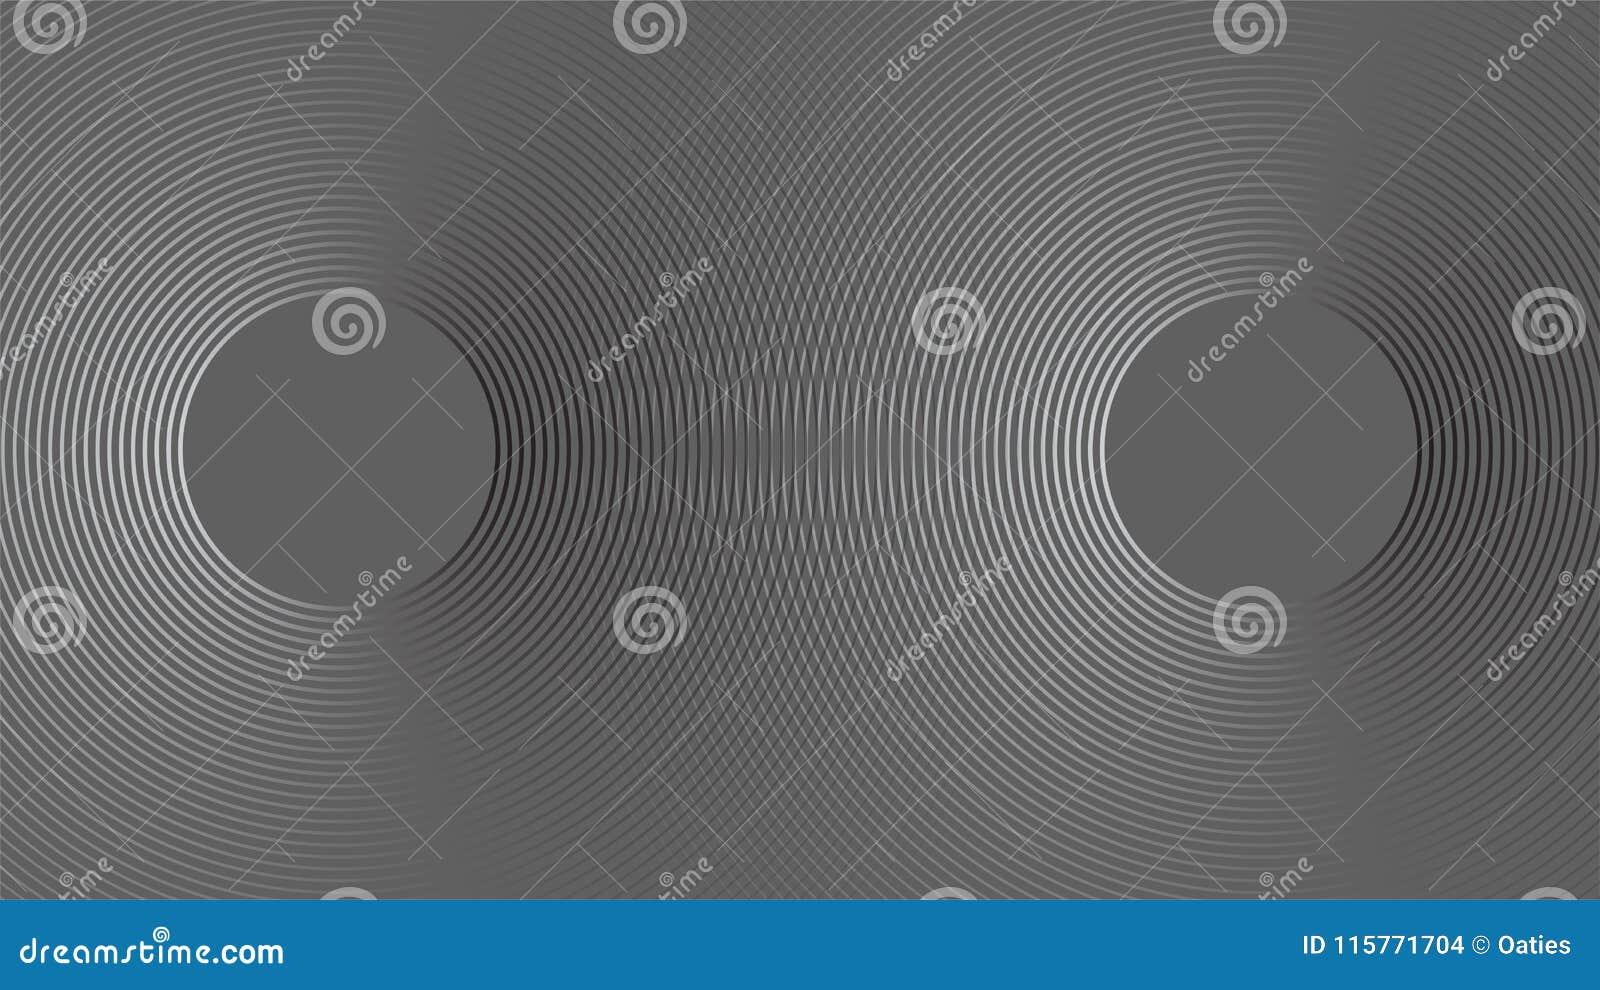 Fundo do conceito da reflexão da onda da sonar